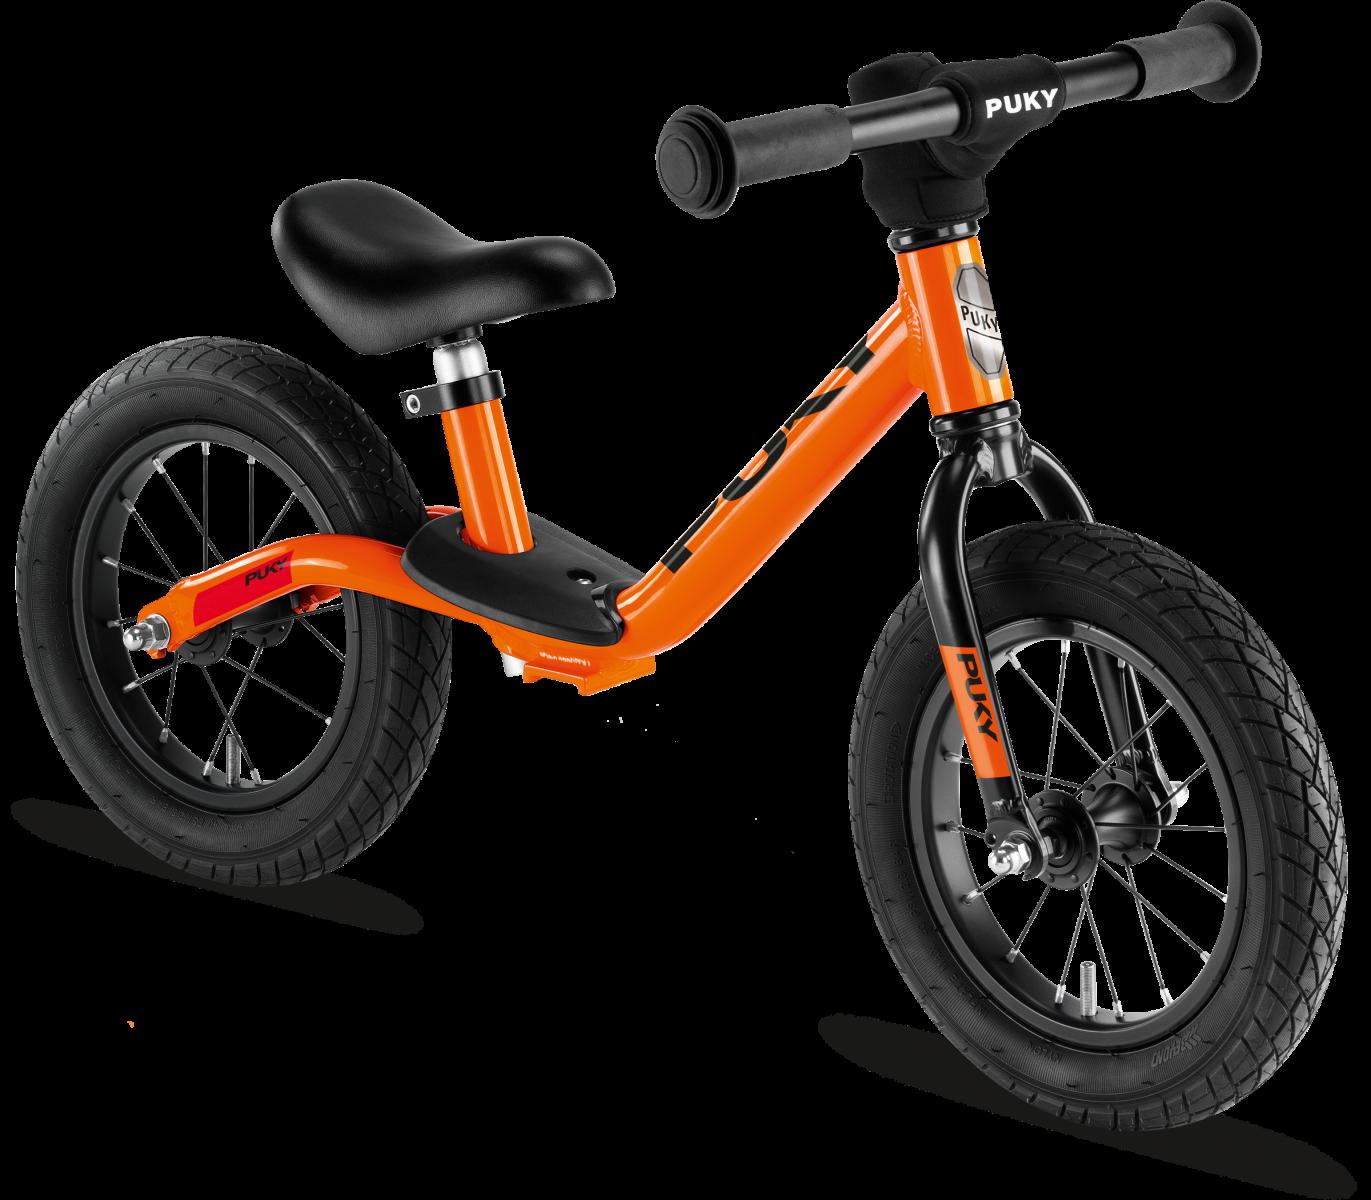 PUKY LR Light Løbecykel, Orange